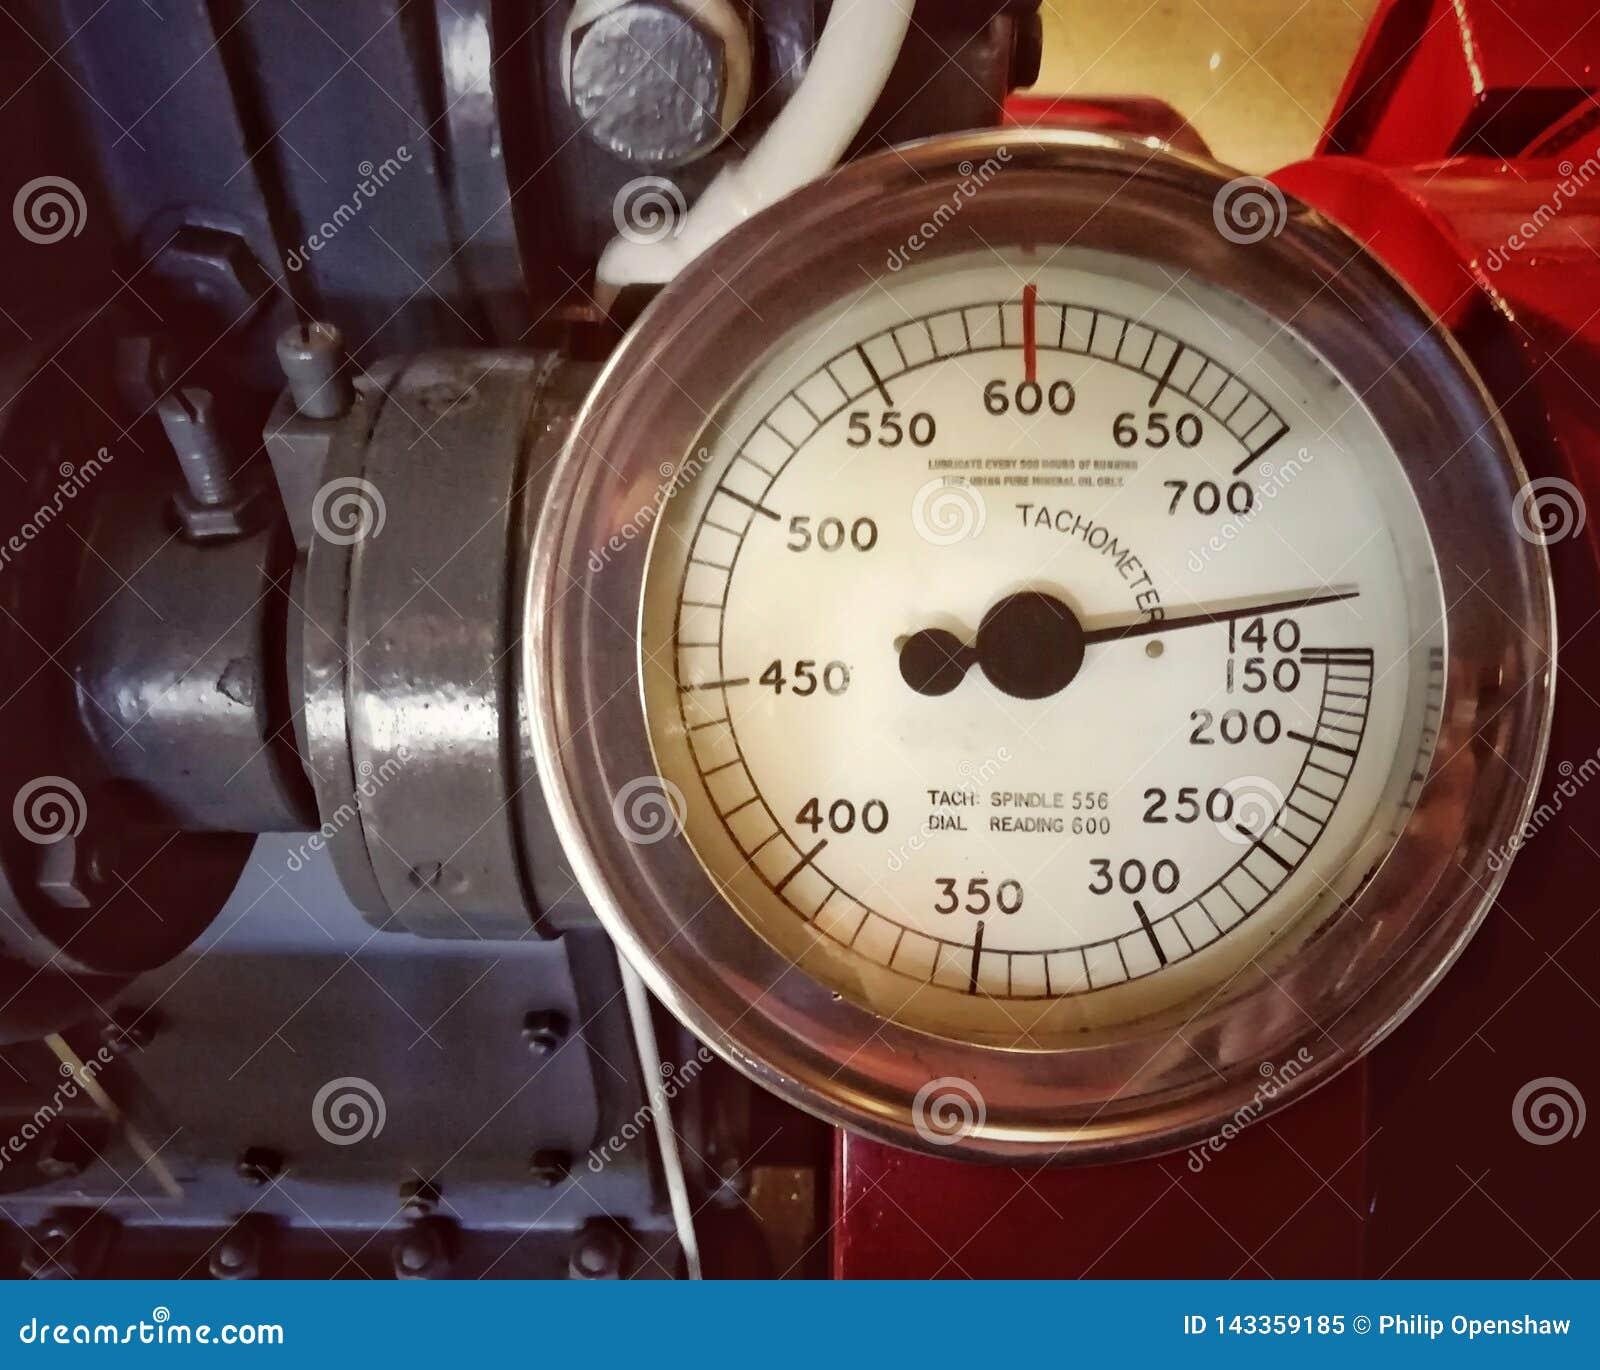 Grande tacômetro velho do metal com um calibre redondo com o seletor marcado nos números montados em um grande motor